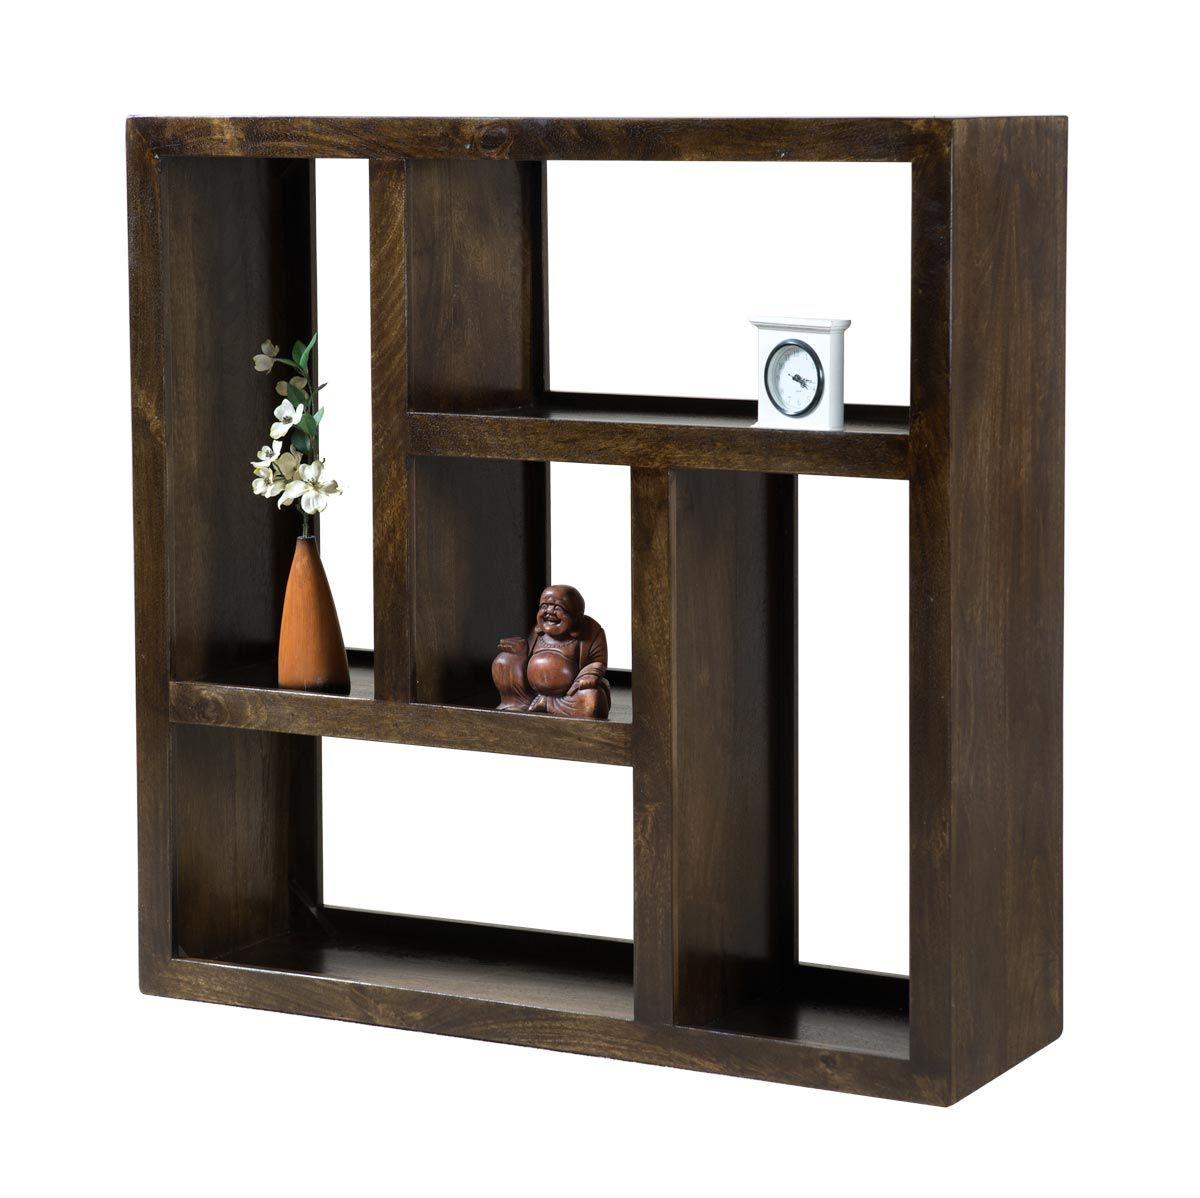 Mango Low Open Bookcase Shelving Unit